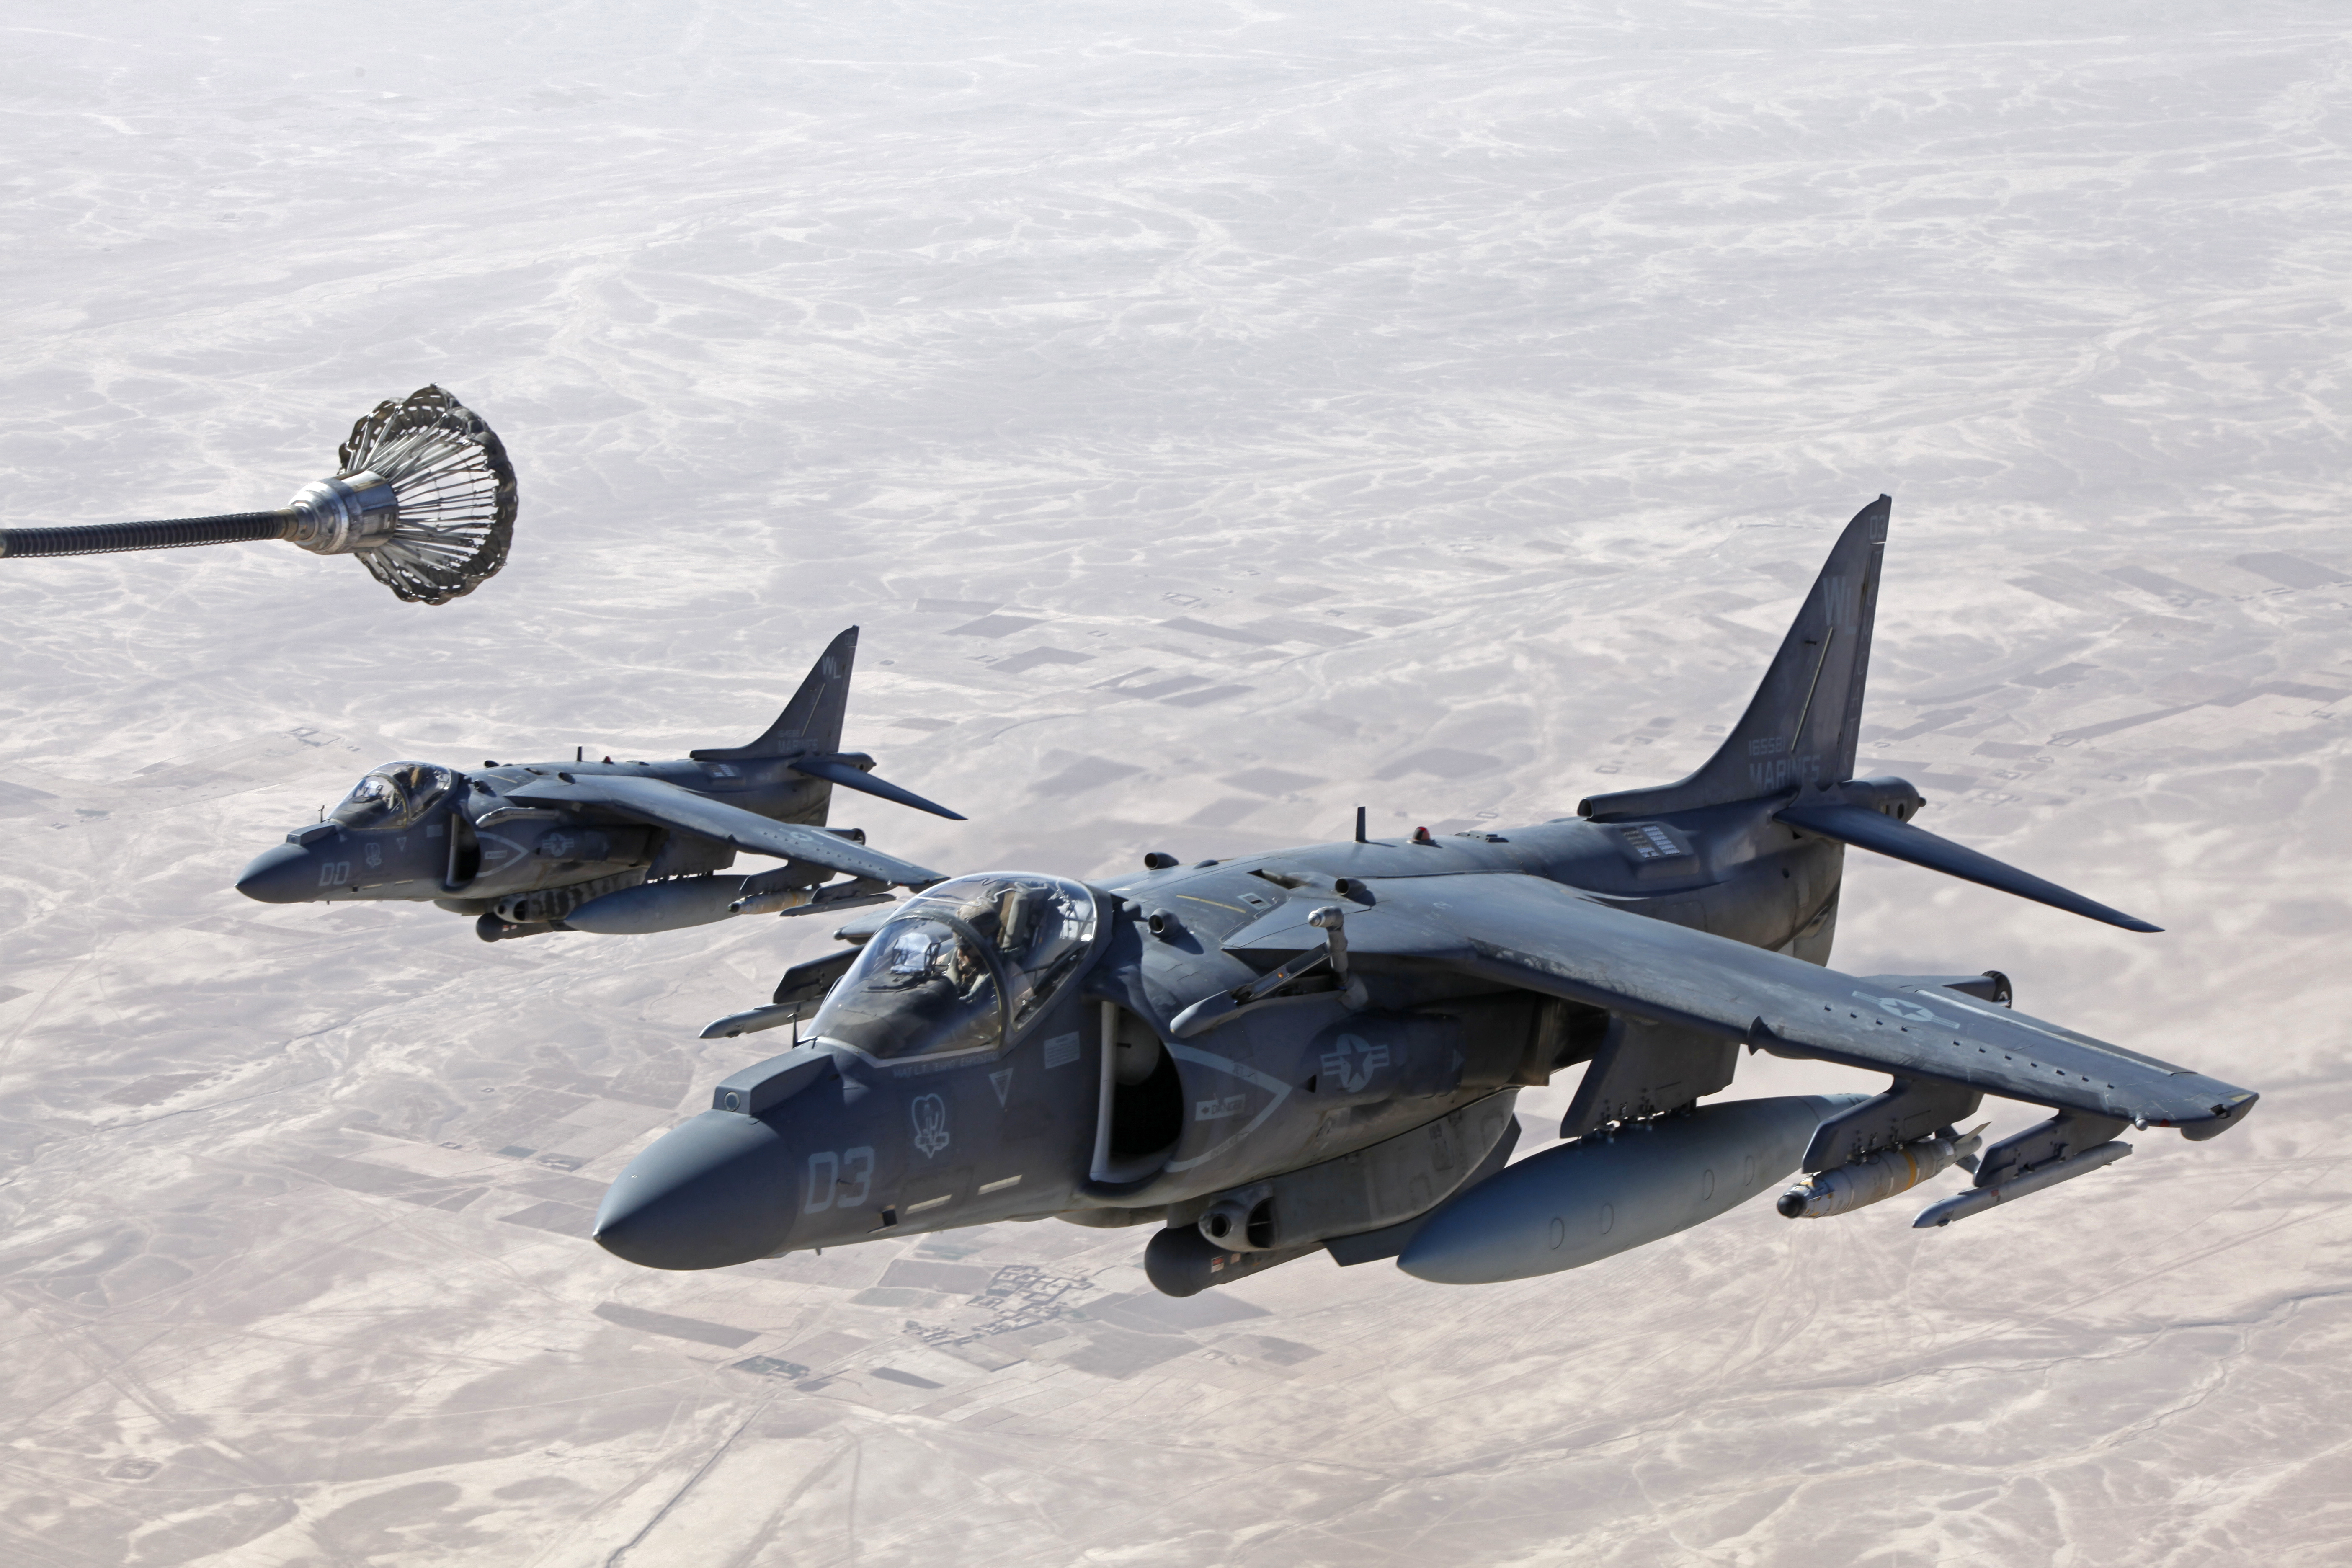 US MARINES AV-8B HARRIER II - SAM PUBLICATIONS AIR DATA 3 - ANDY EVANS